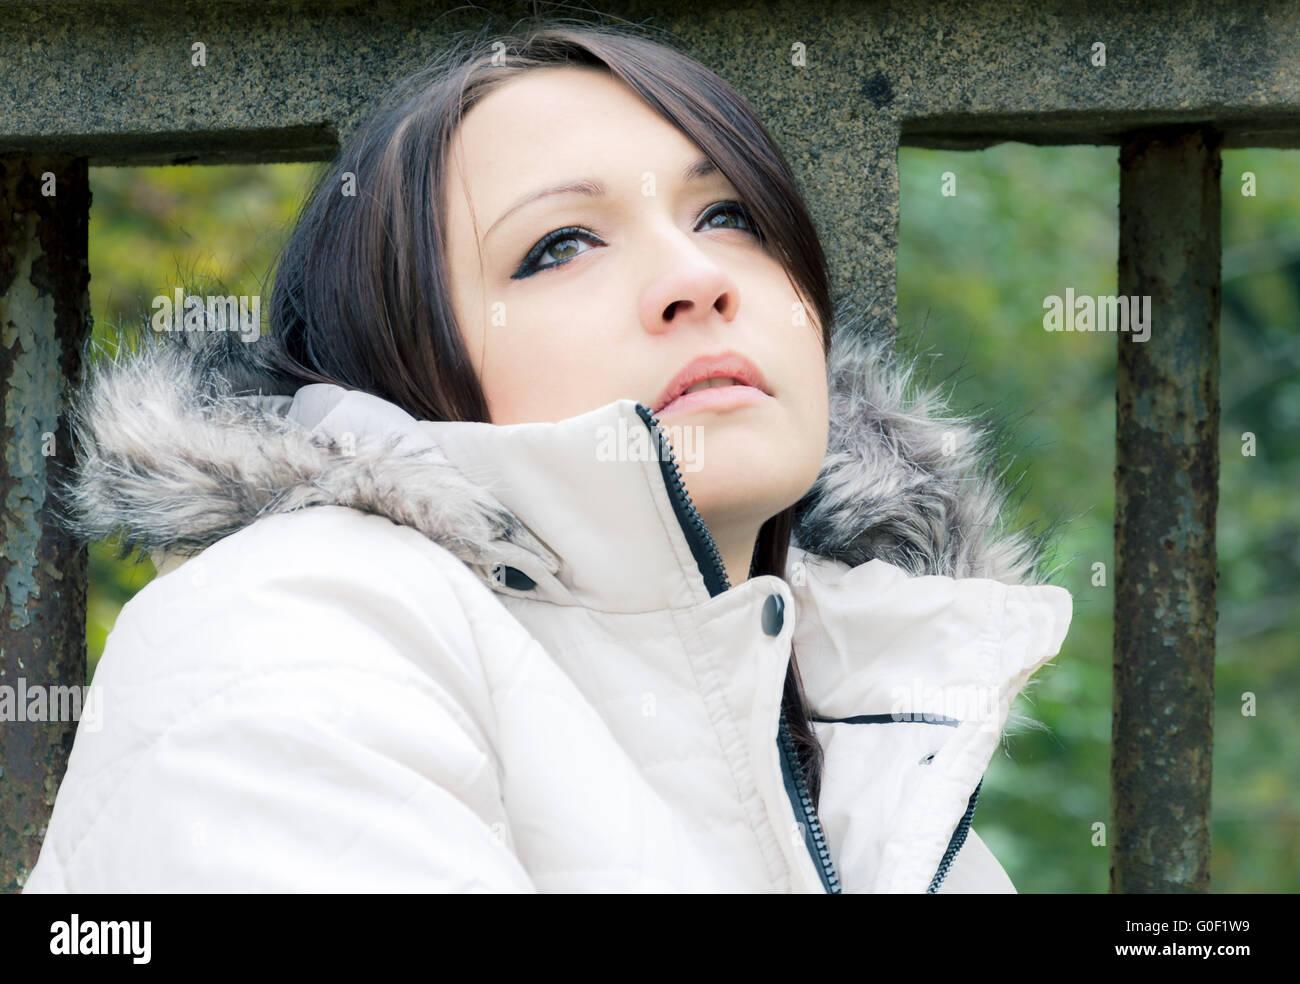 60dad84225 Woman With Fur Collar Stock Photos   Woman With Fur Collar Stock ...